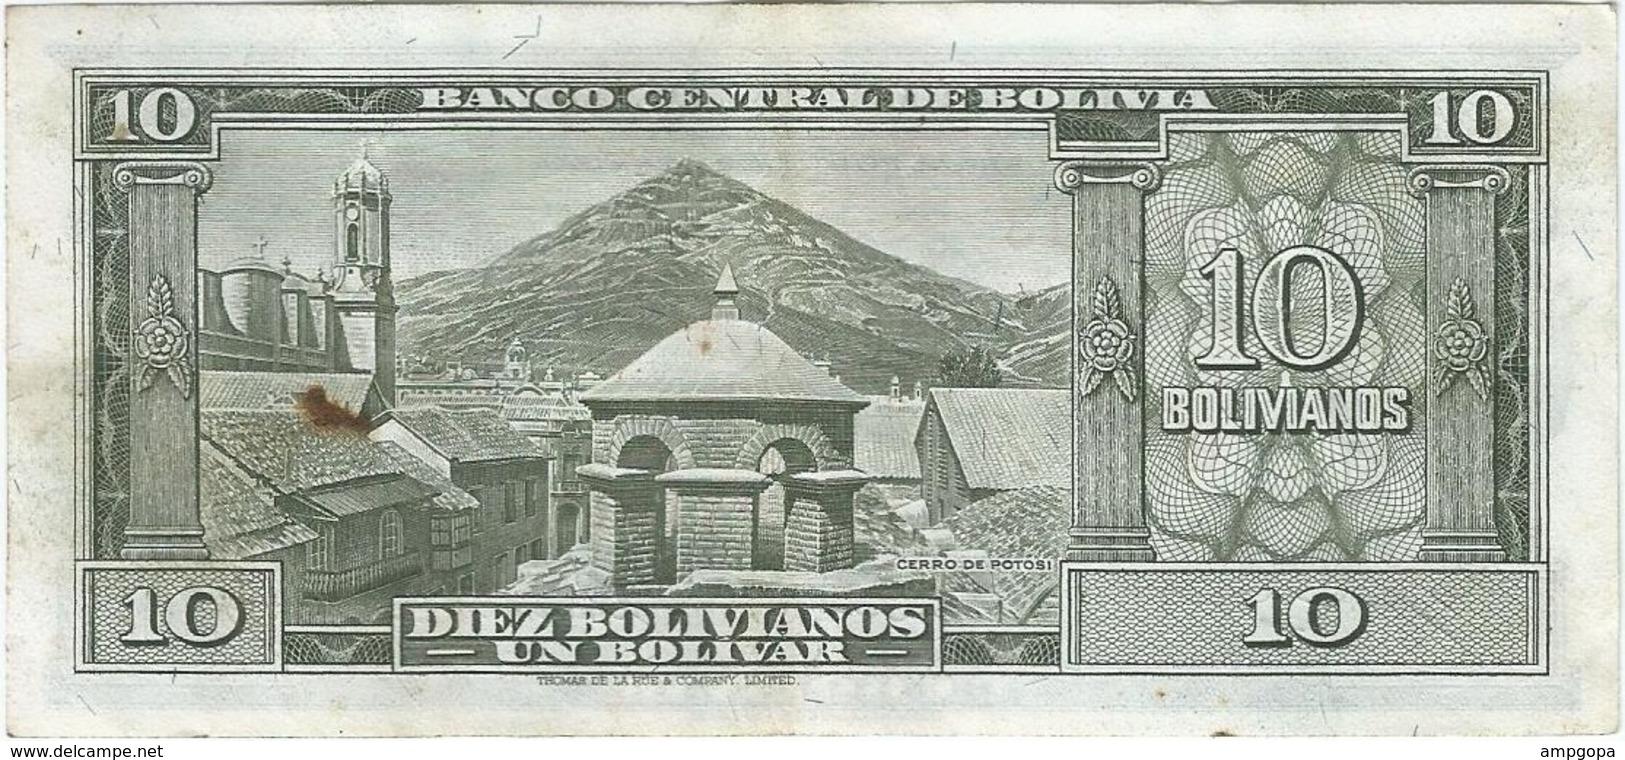 Bolivia 10 Bolivianos 20-12-1945 (1952) Pick 139 B.2 Ref 755-3 - Bolivia